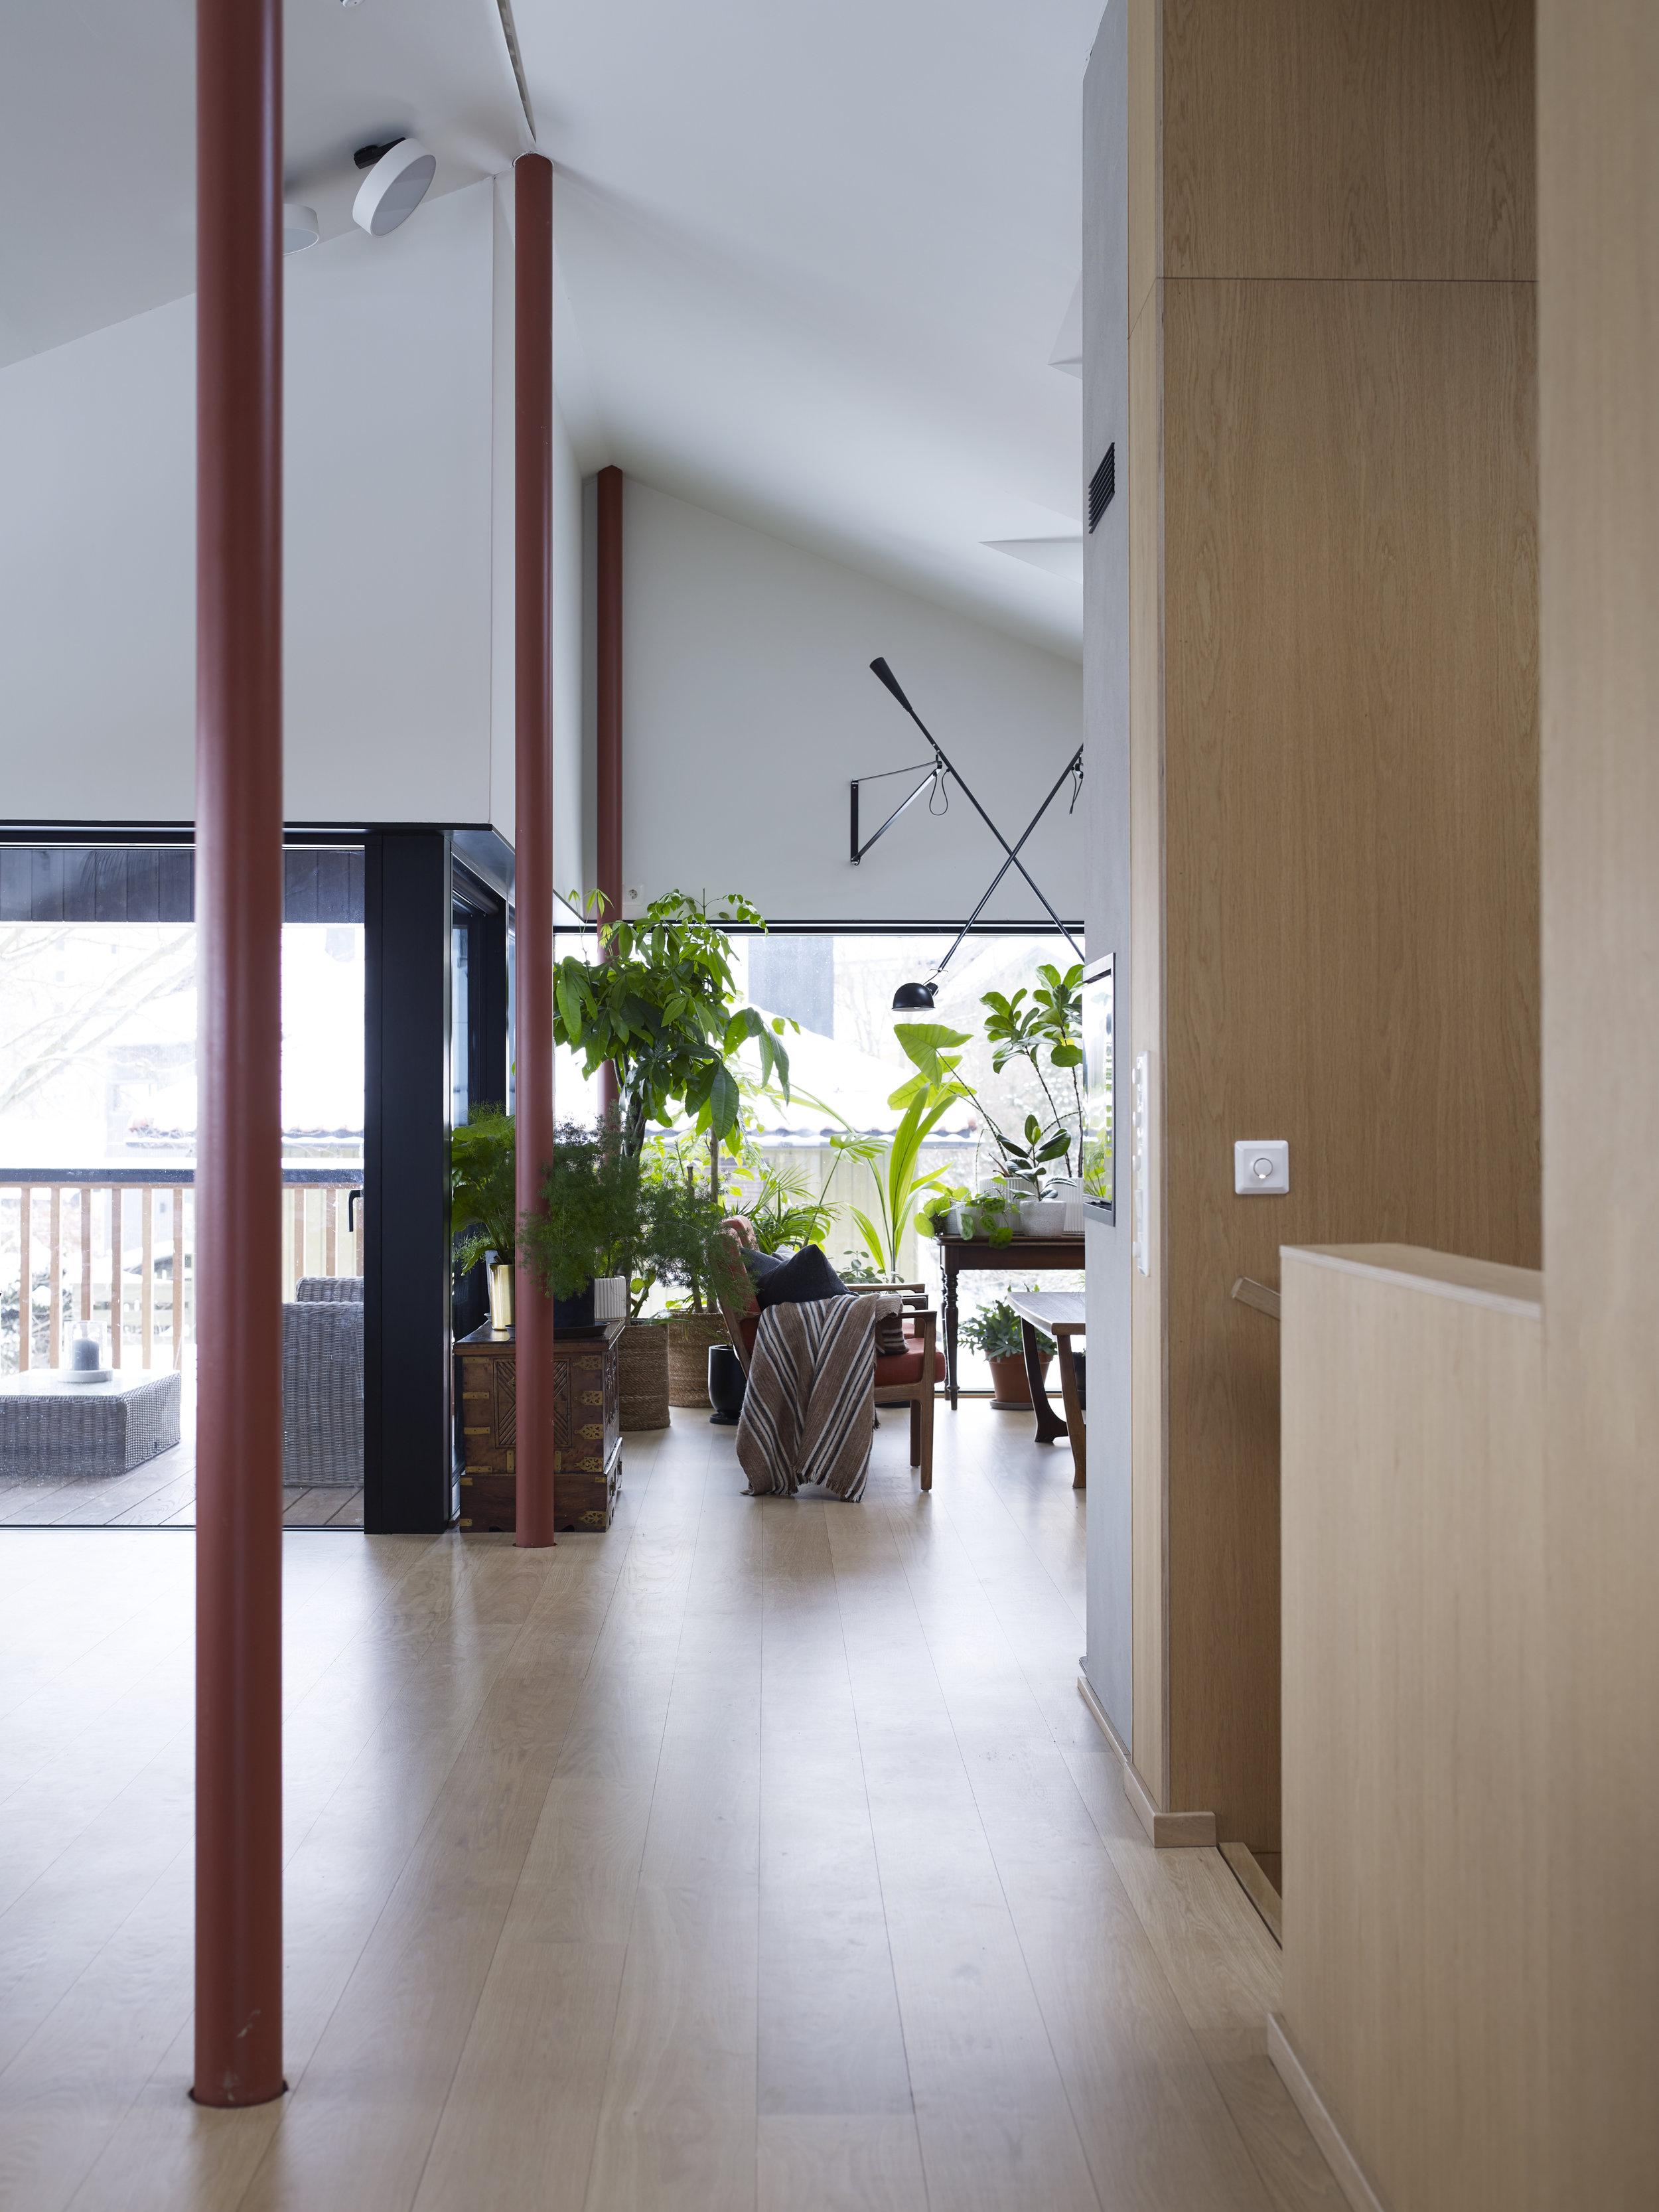 Enebolig på Godlia - På Godlia i Oslo har vi tegnet og ferdigstilt en enebolig med praktikantdel og garasje under terreng. Garasjen deles med eksisterende bolig på eiendommen, og på denne måten frigjorde vi areal til å kunne bygge nytt og bevare hage for begge boliger.